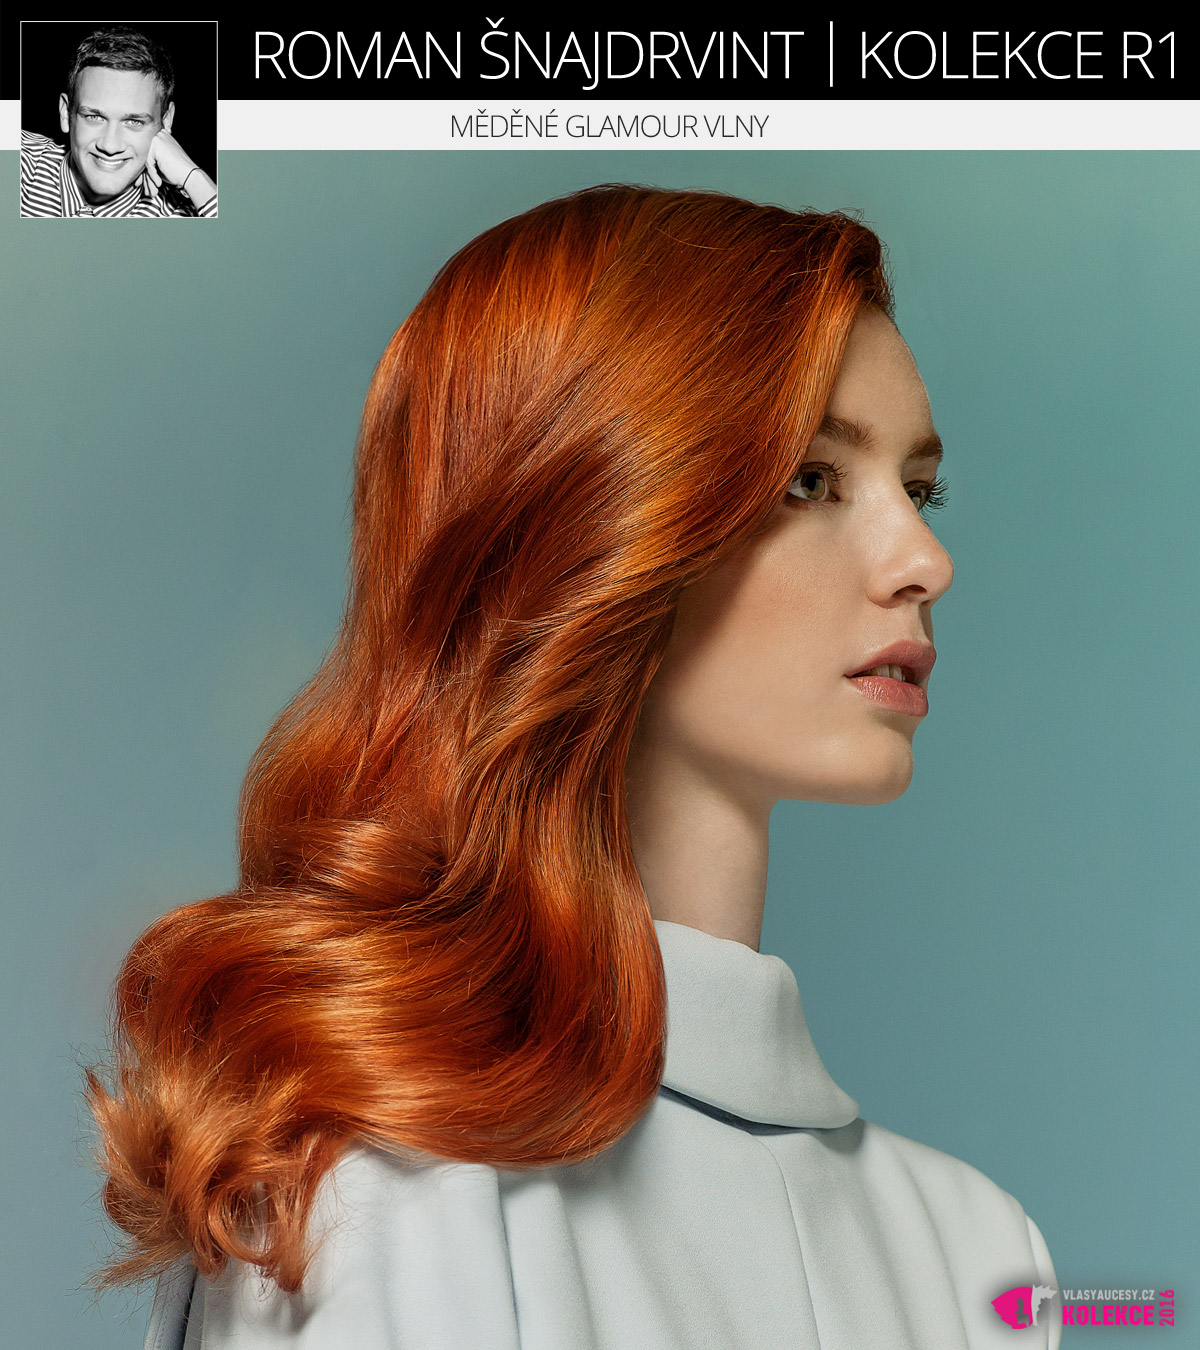 Nádherný ideál zrzavých vlasů – ideální měděná barva v dlouhém účesu s glamour vlnami. (Roman Šnajdrvint, kolekce účesů R1.)